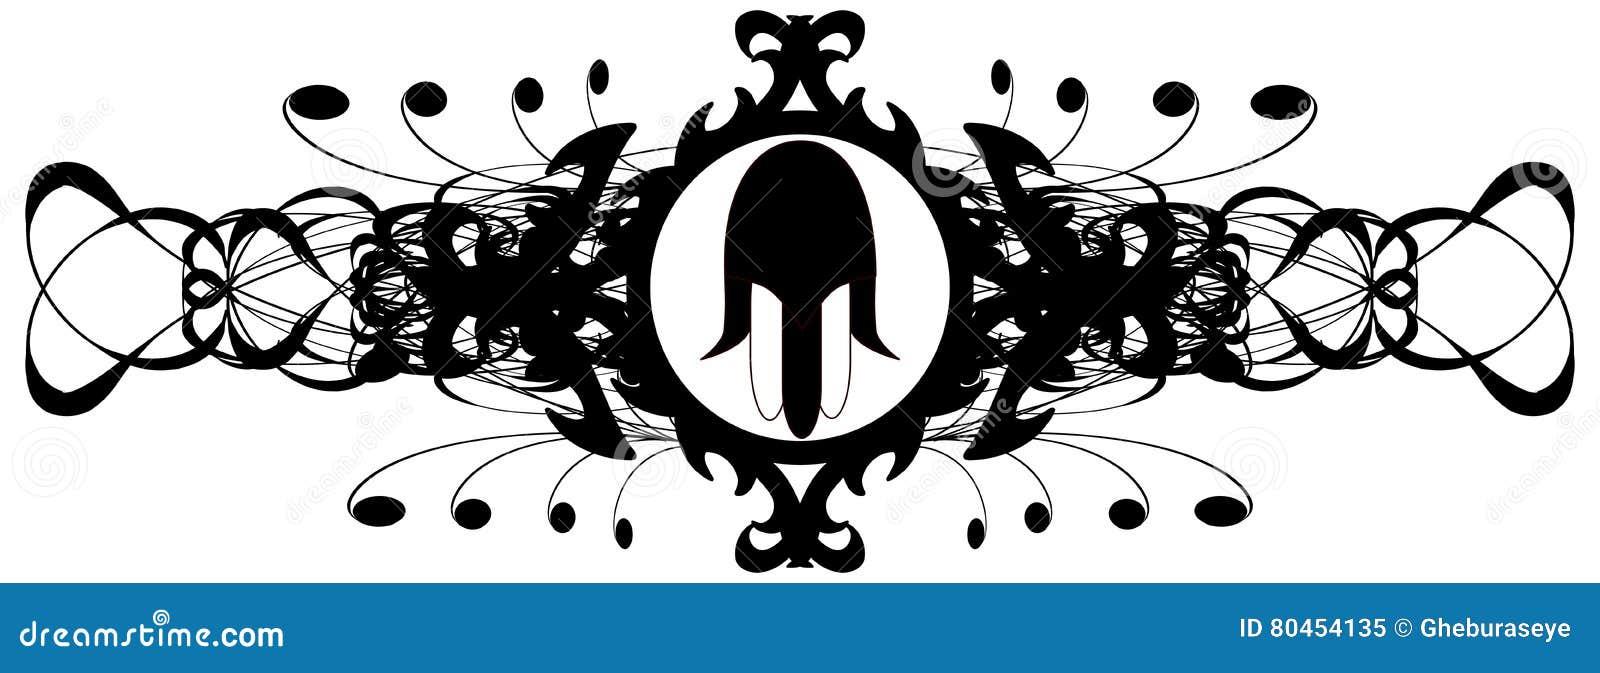 Hand von Fatima auf eleganter Dekoration